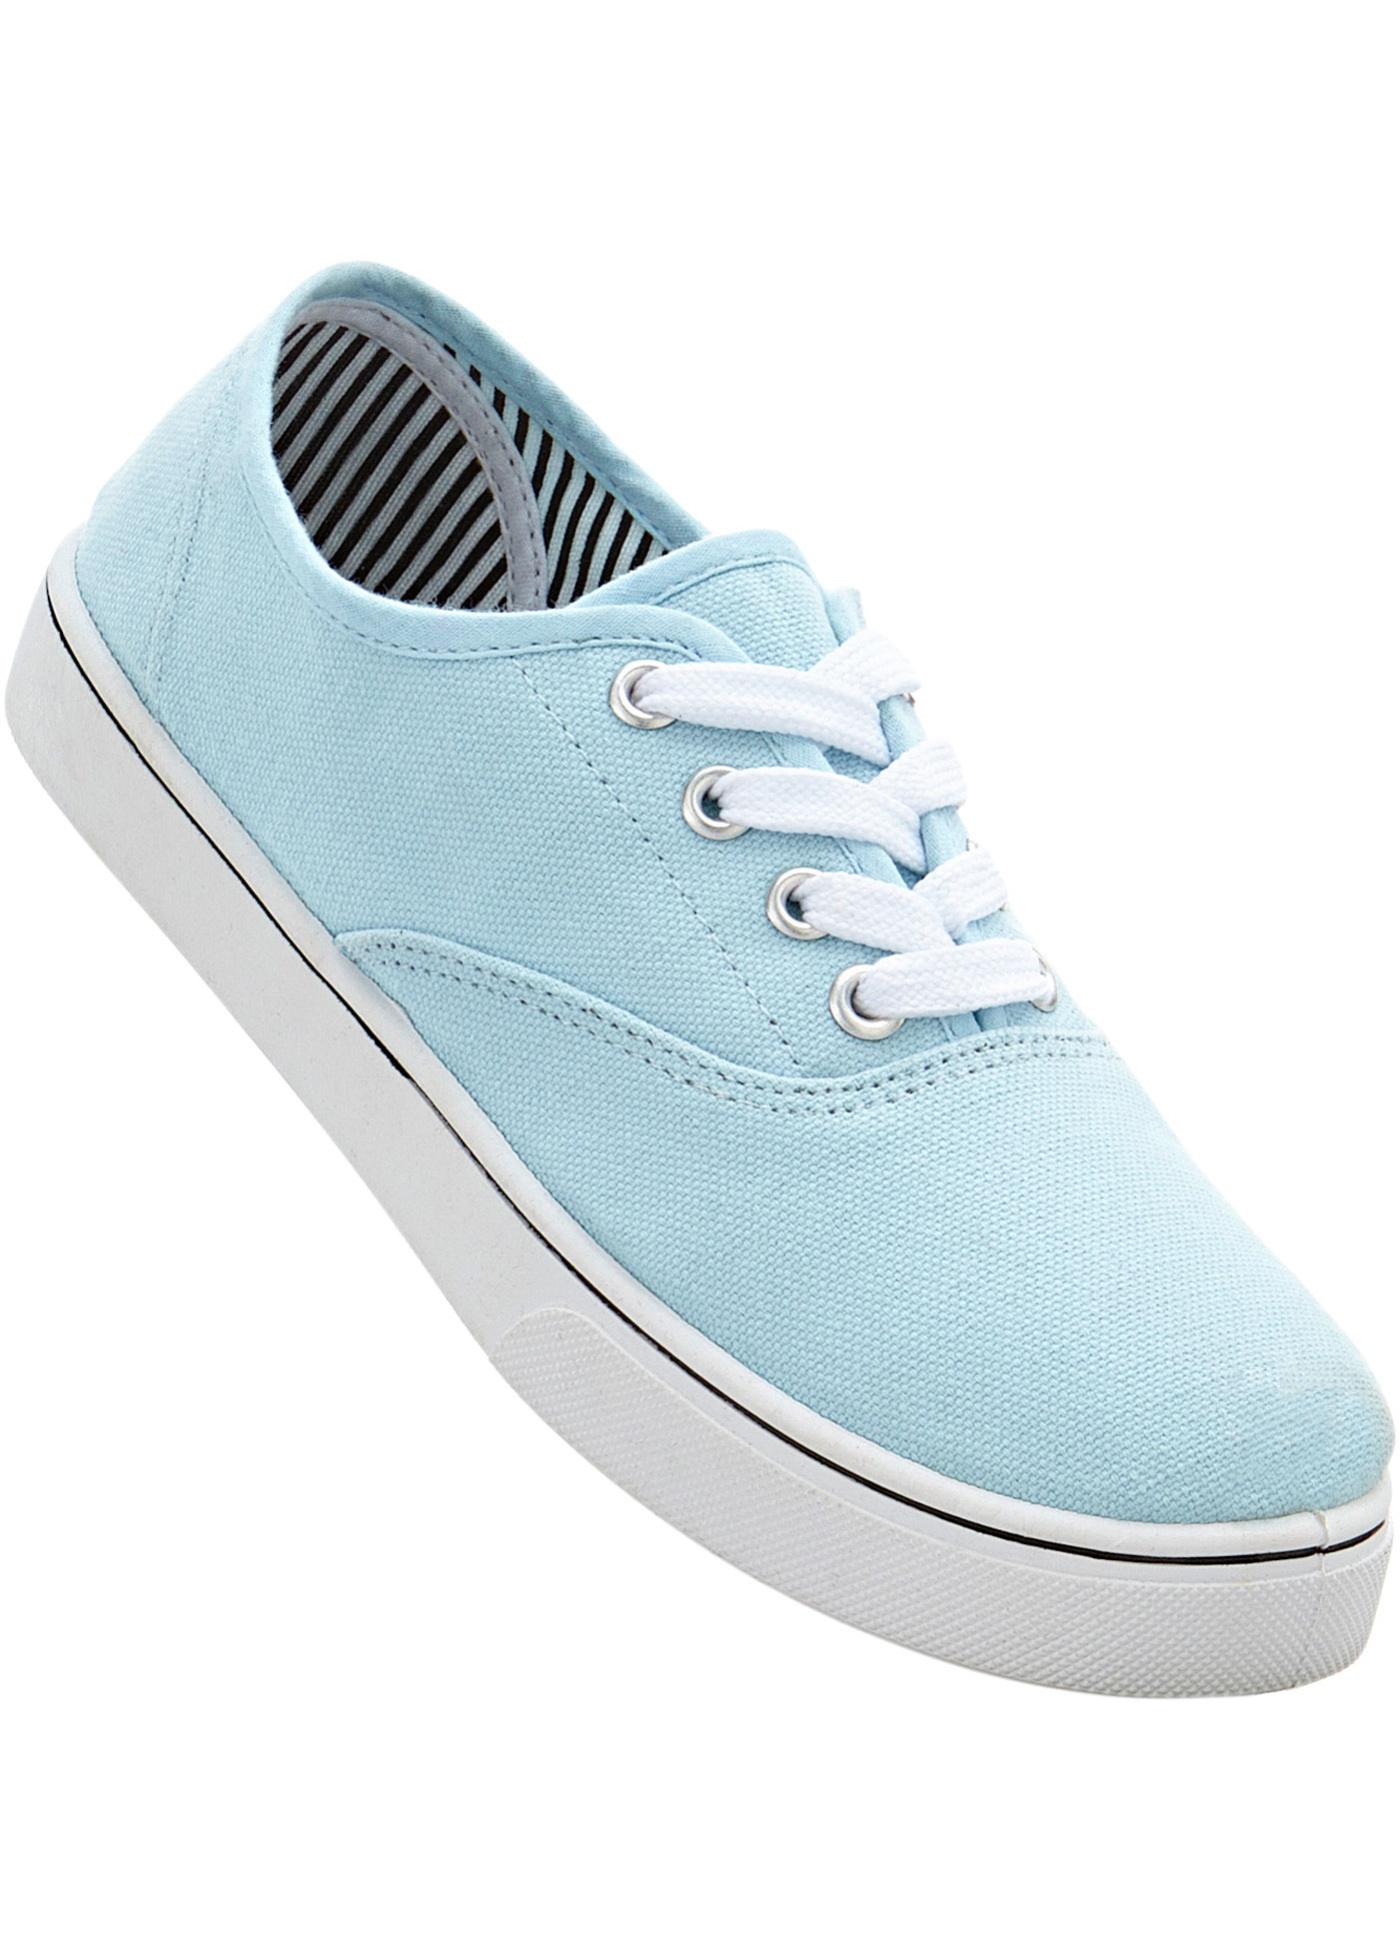 Sneaker  Blu  - bpc bonpr